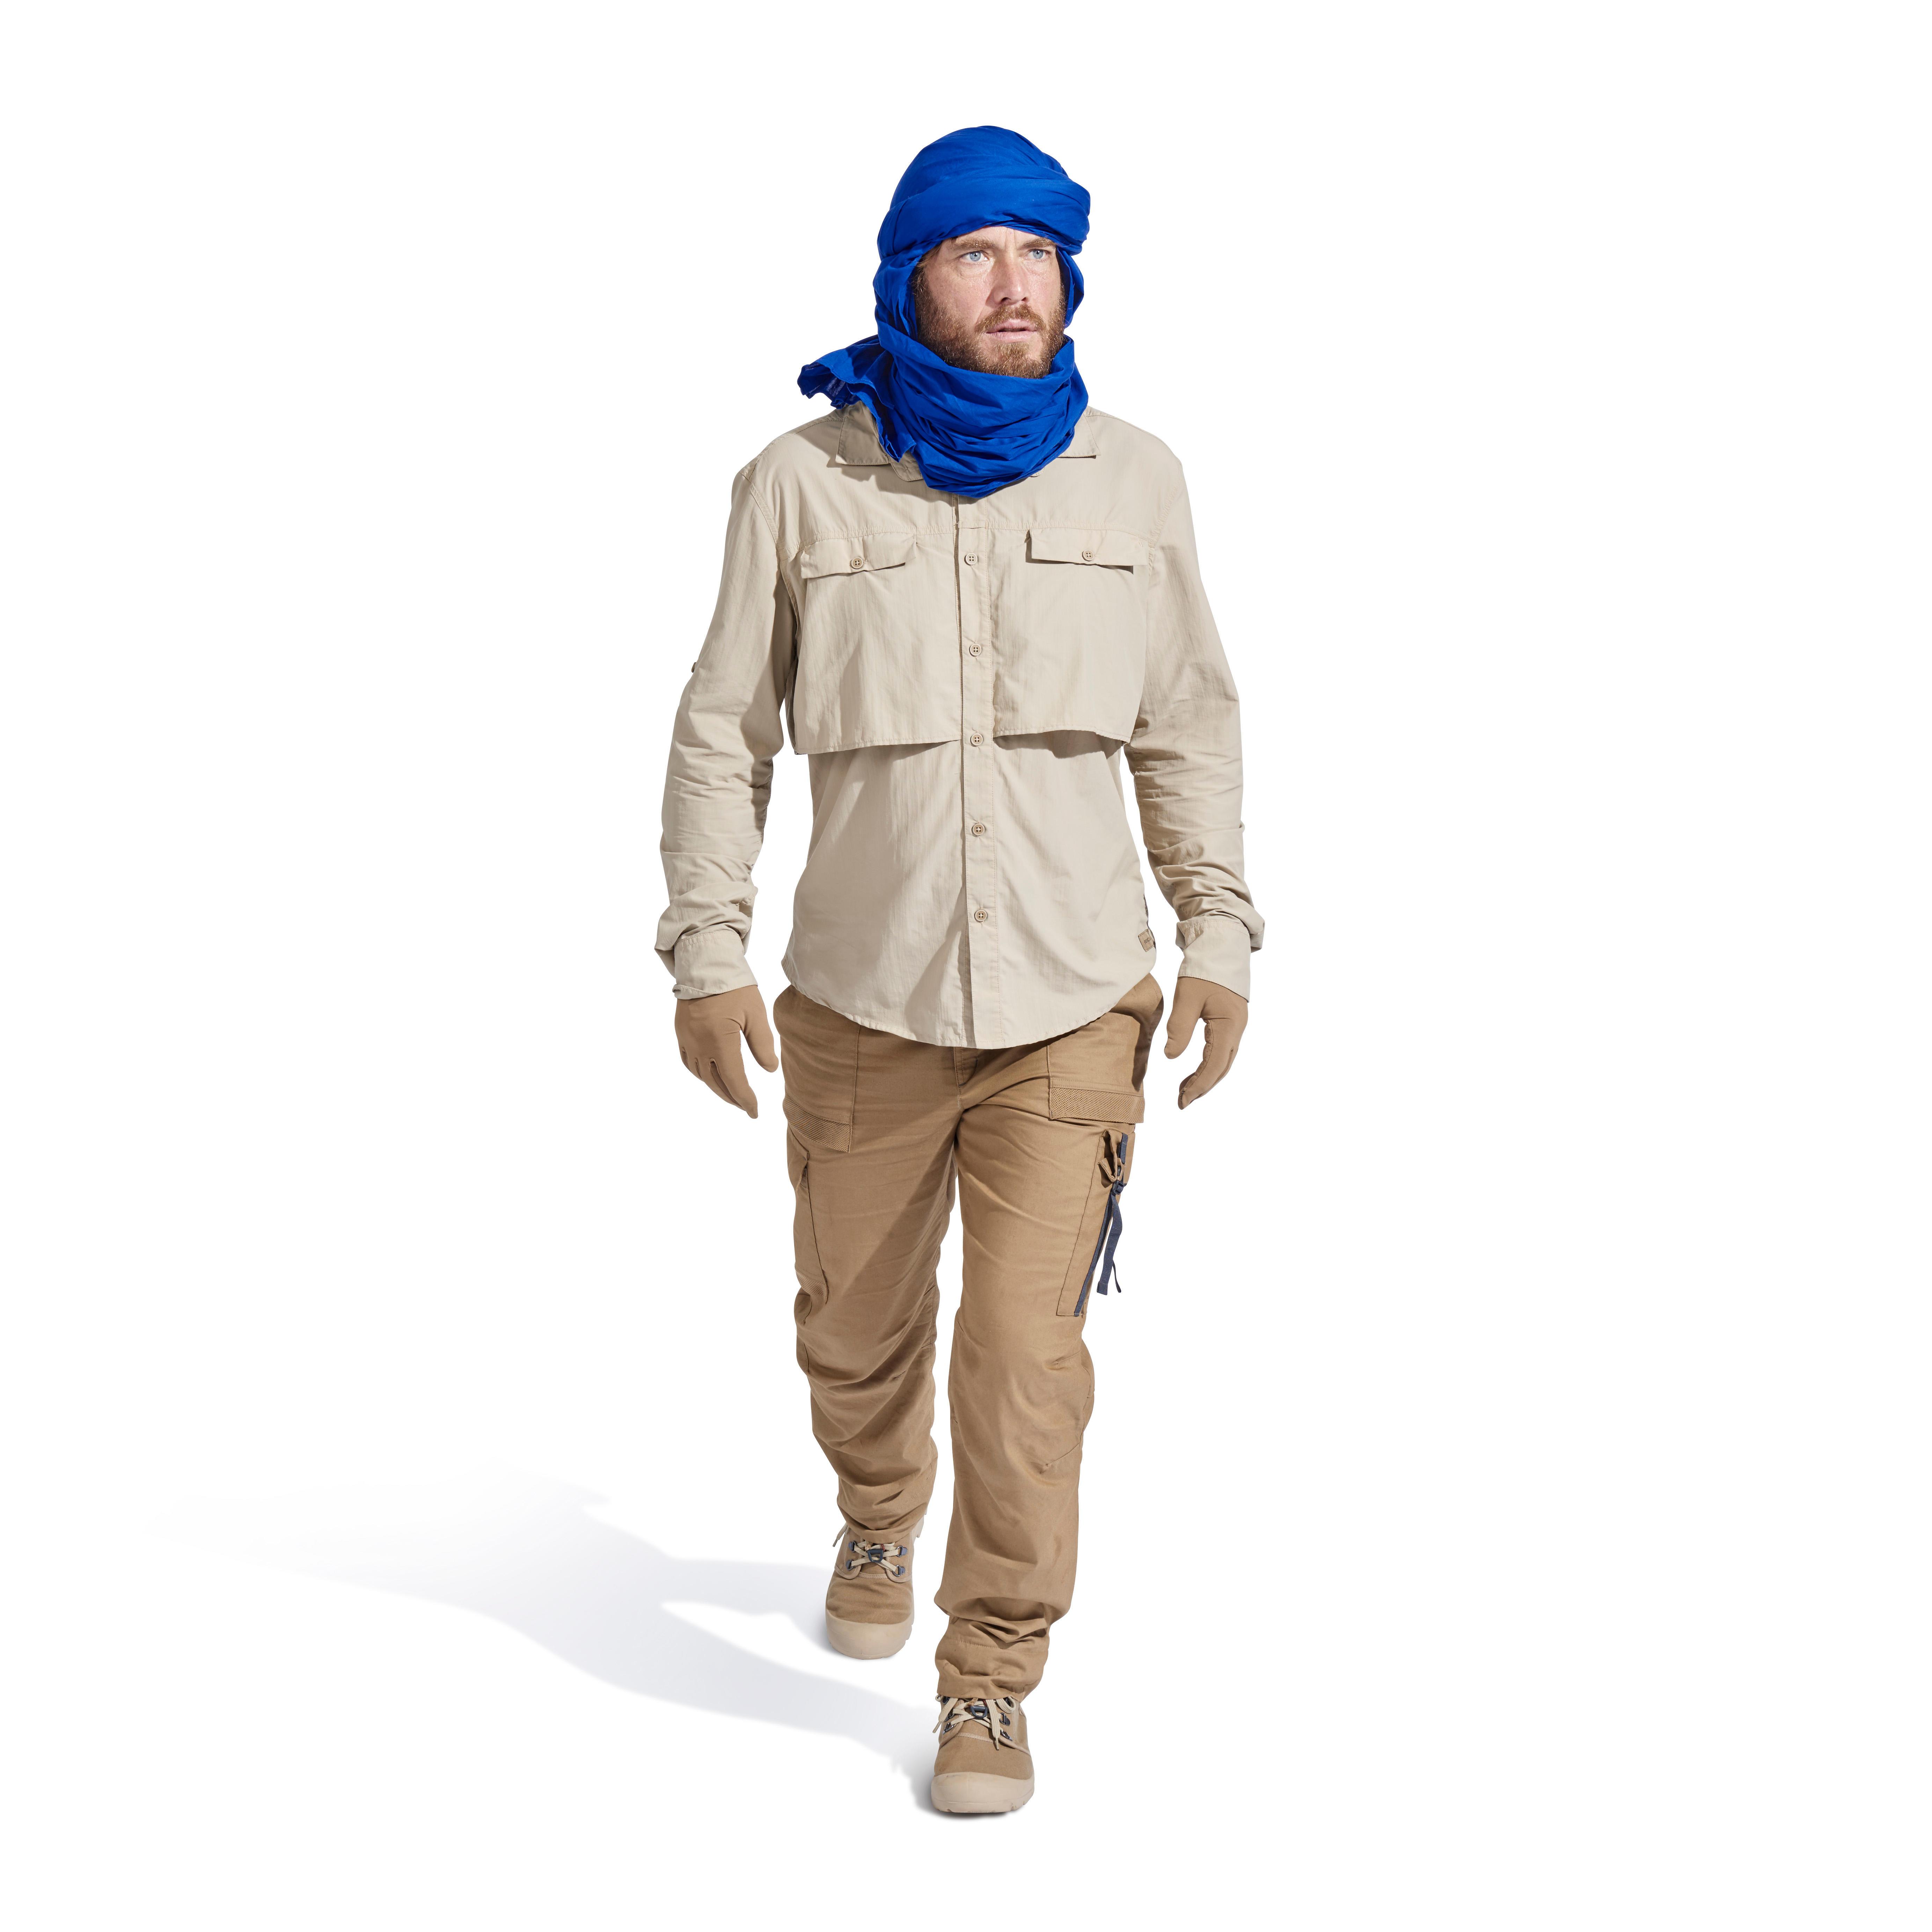 Desert 500 Men's Long-sleeved Desert Trekking Shirt - Beige